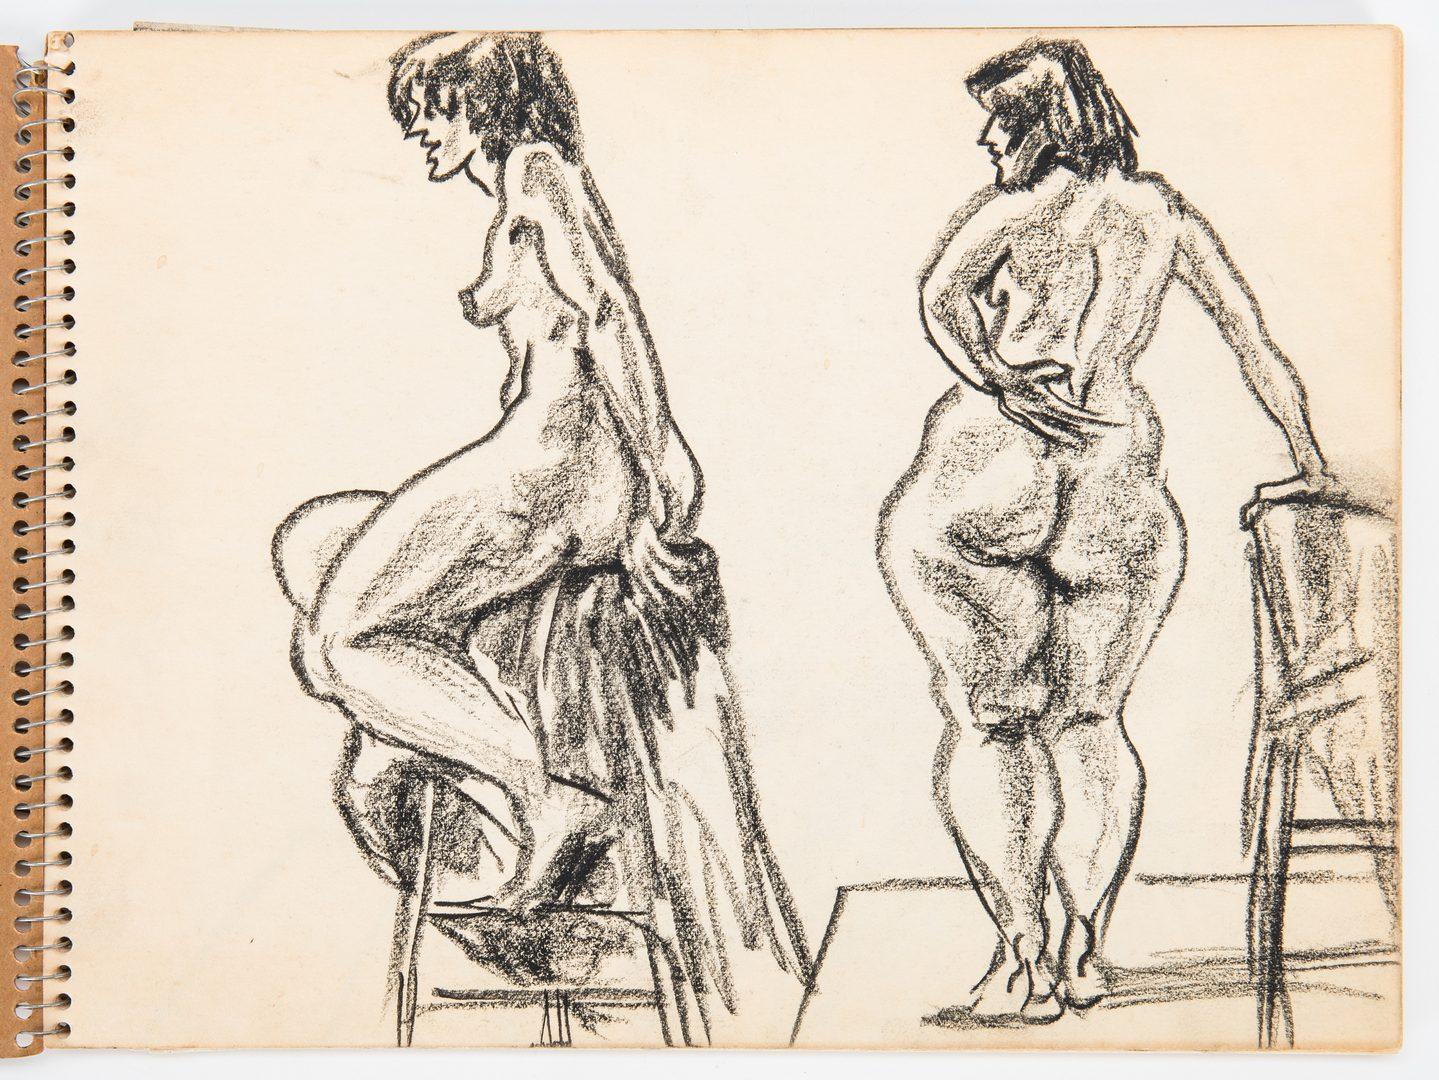 Lot 519: 2 Joseph Delaney Sketchbooks